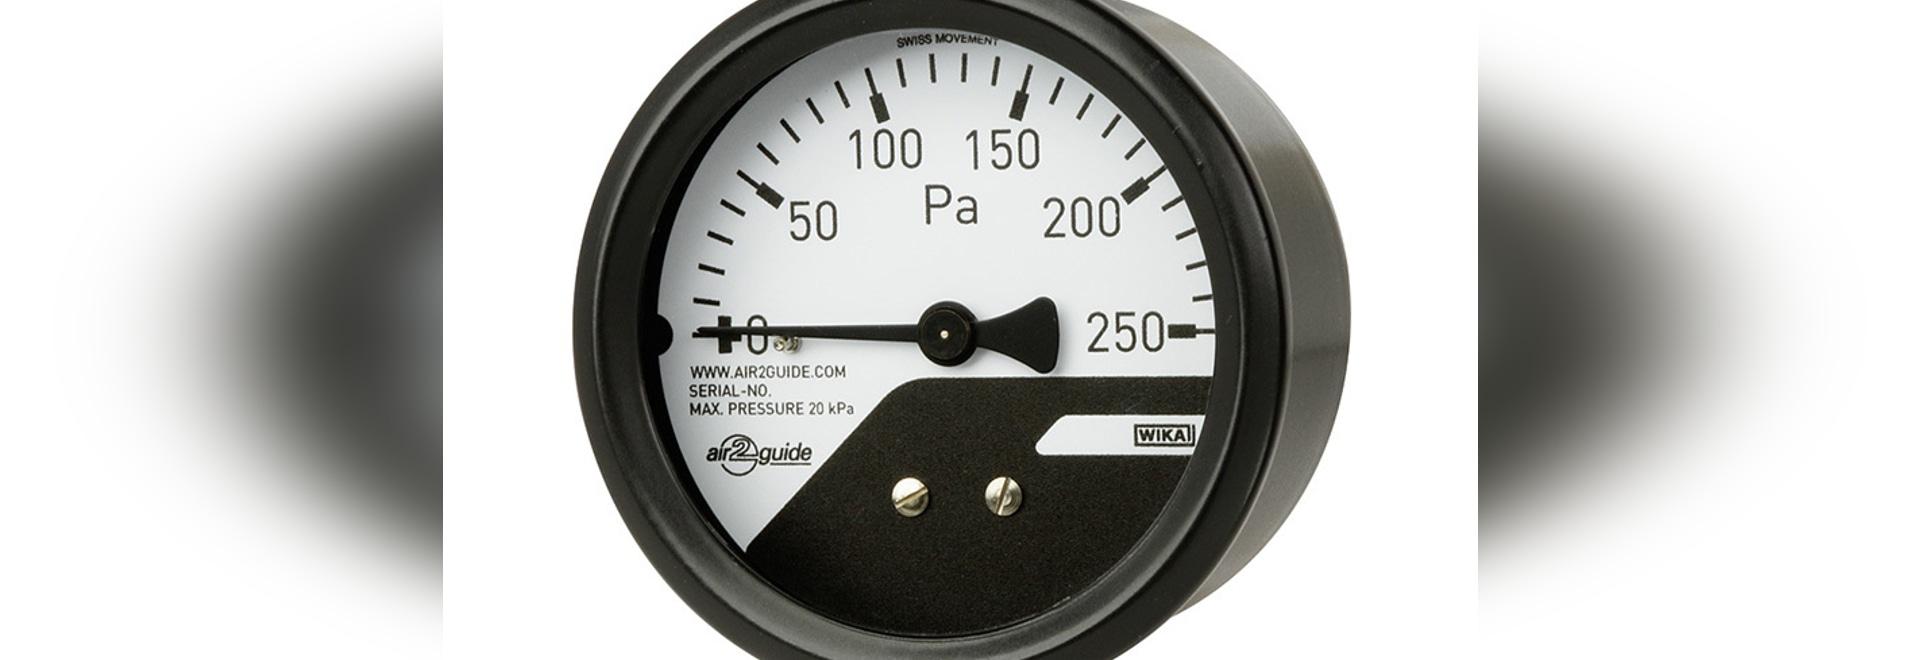 A2G-mini: Steuerung des Filterdrucks in begrenztem Raum